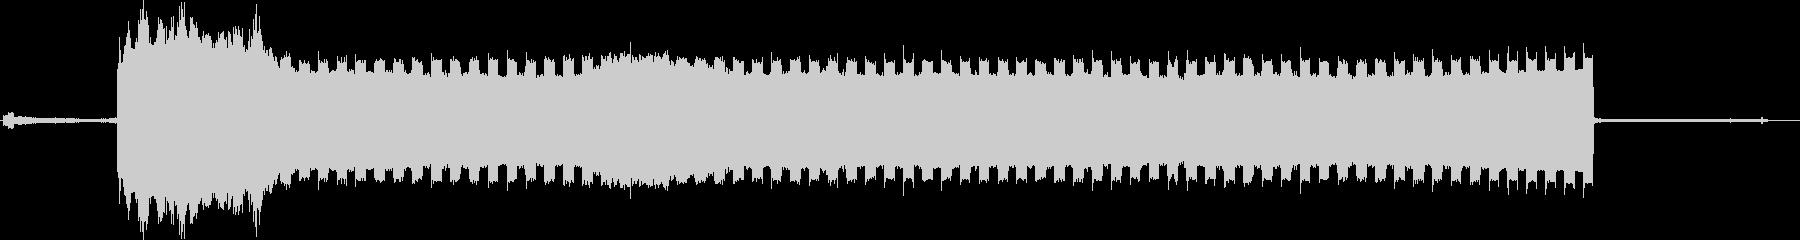 フォードパトカー:内線:オンボード...の未再生の波形